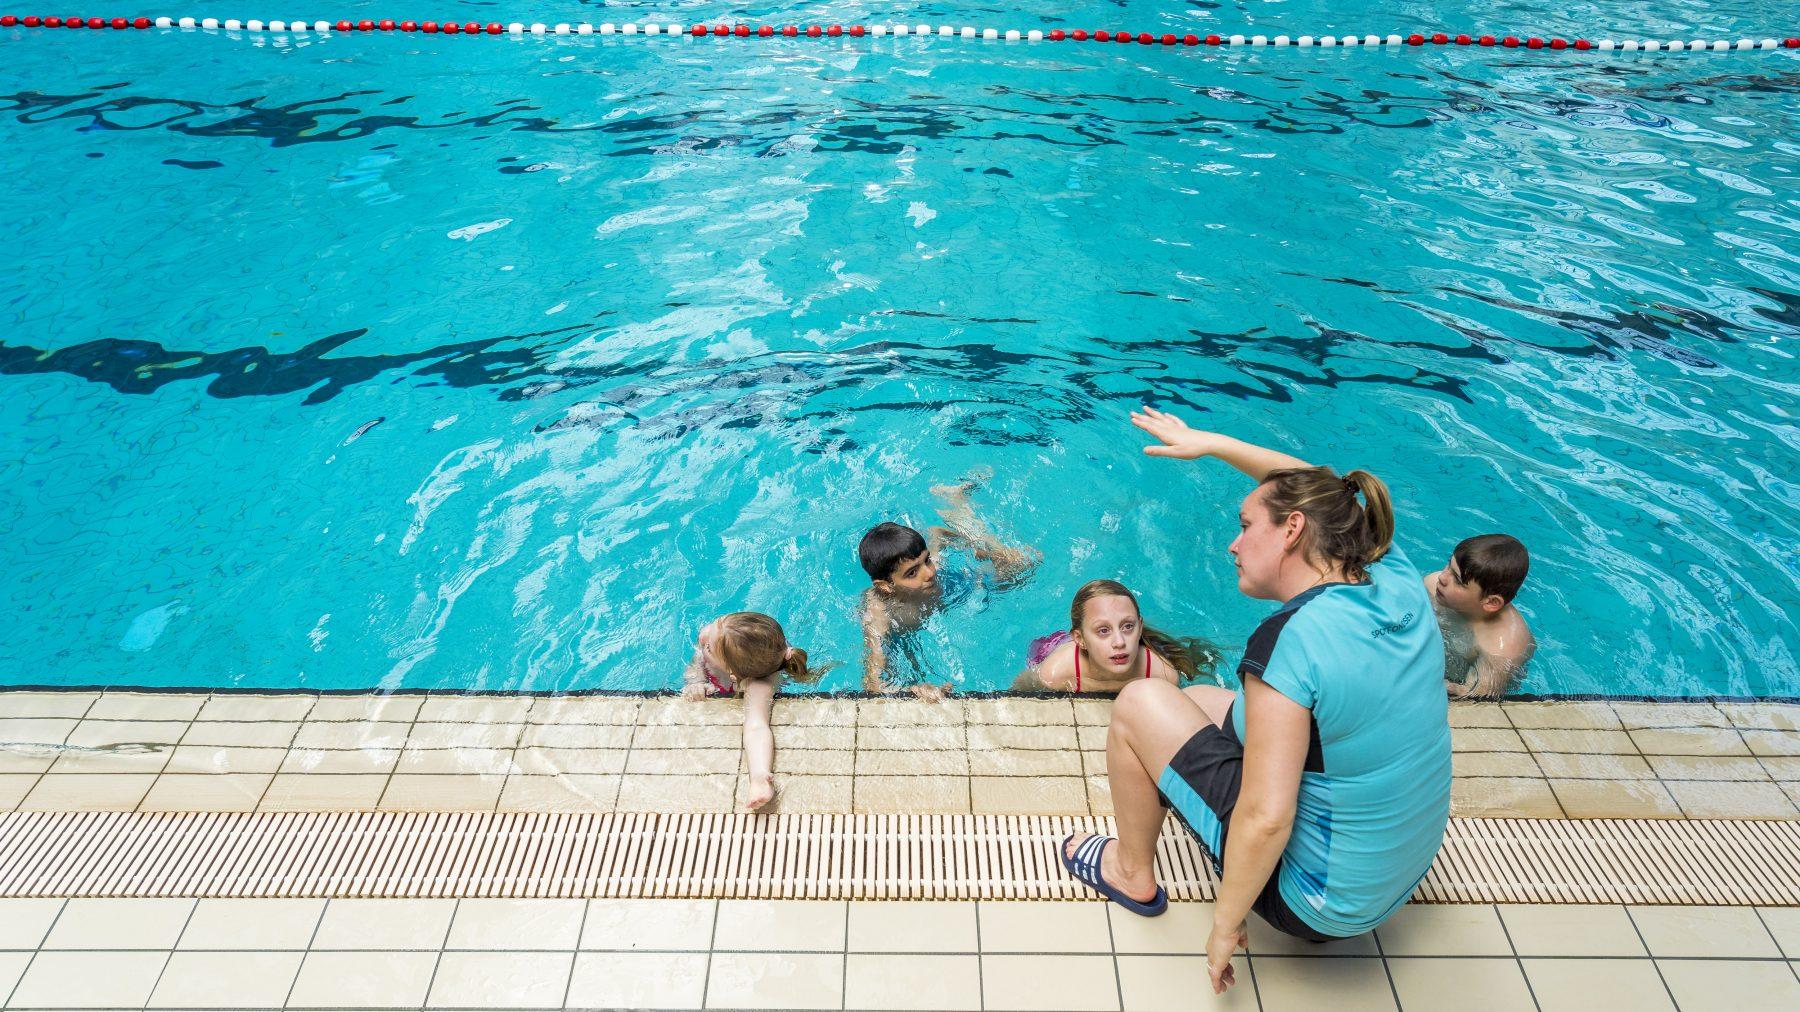 zwemles kinderen is zo duur dat sommige ouders het niet kunnen betalen